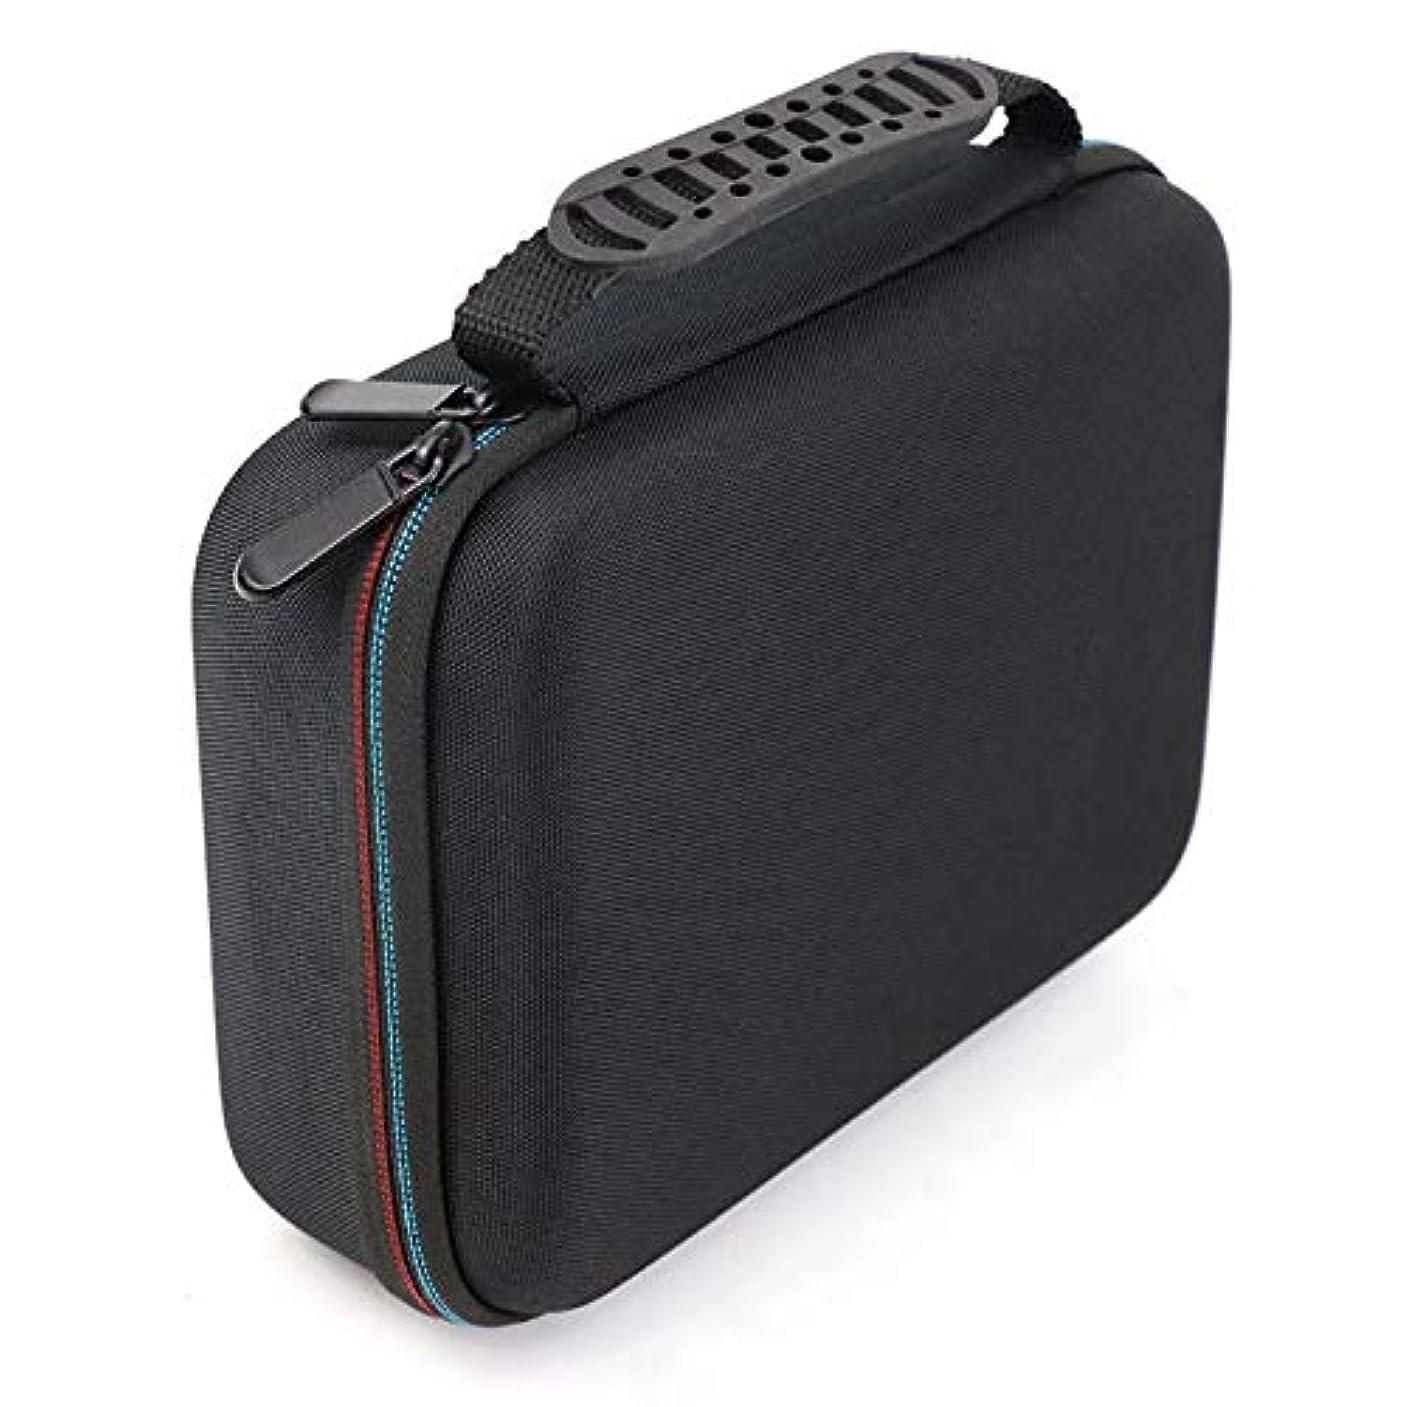 寄生虫入力実現可能RETYLY バリカンの収納ケース、携帯用ケース、耐衝撃バッグ、シェーバーのキット、Evaハードケース、収納バッグ、 Mgk3020/3060/3080用